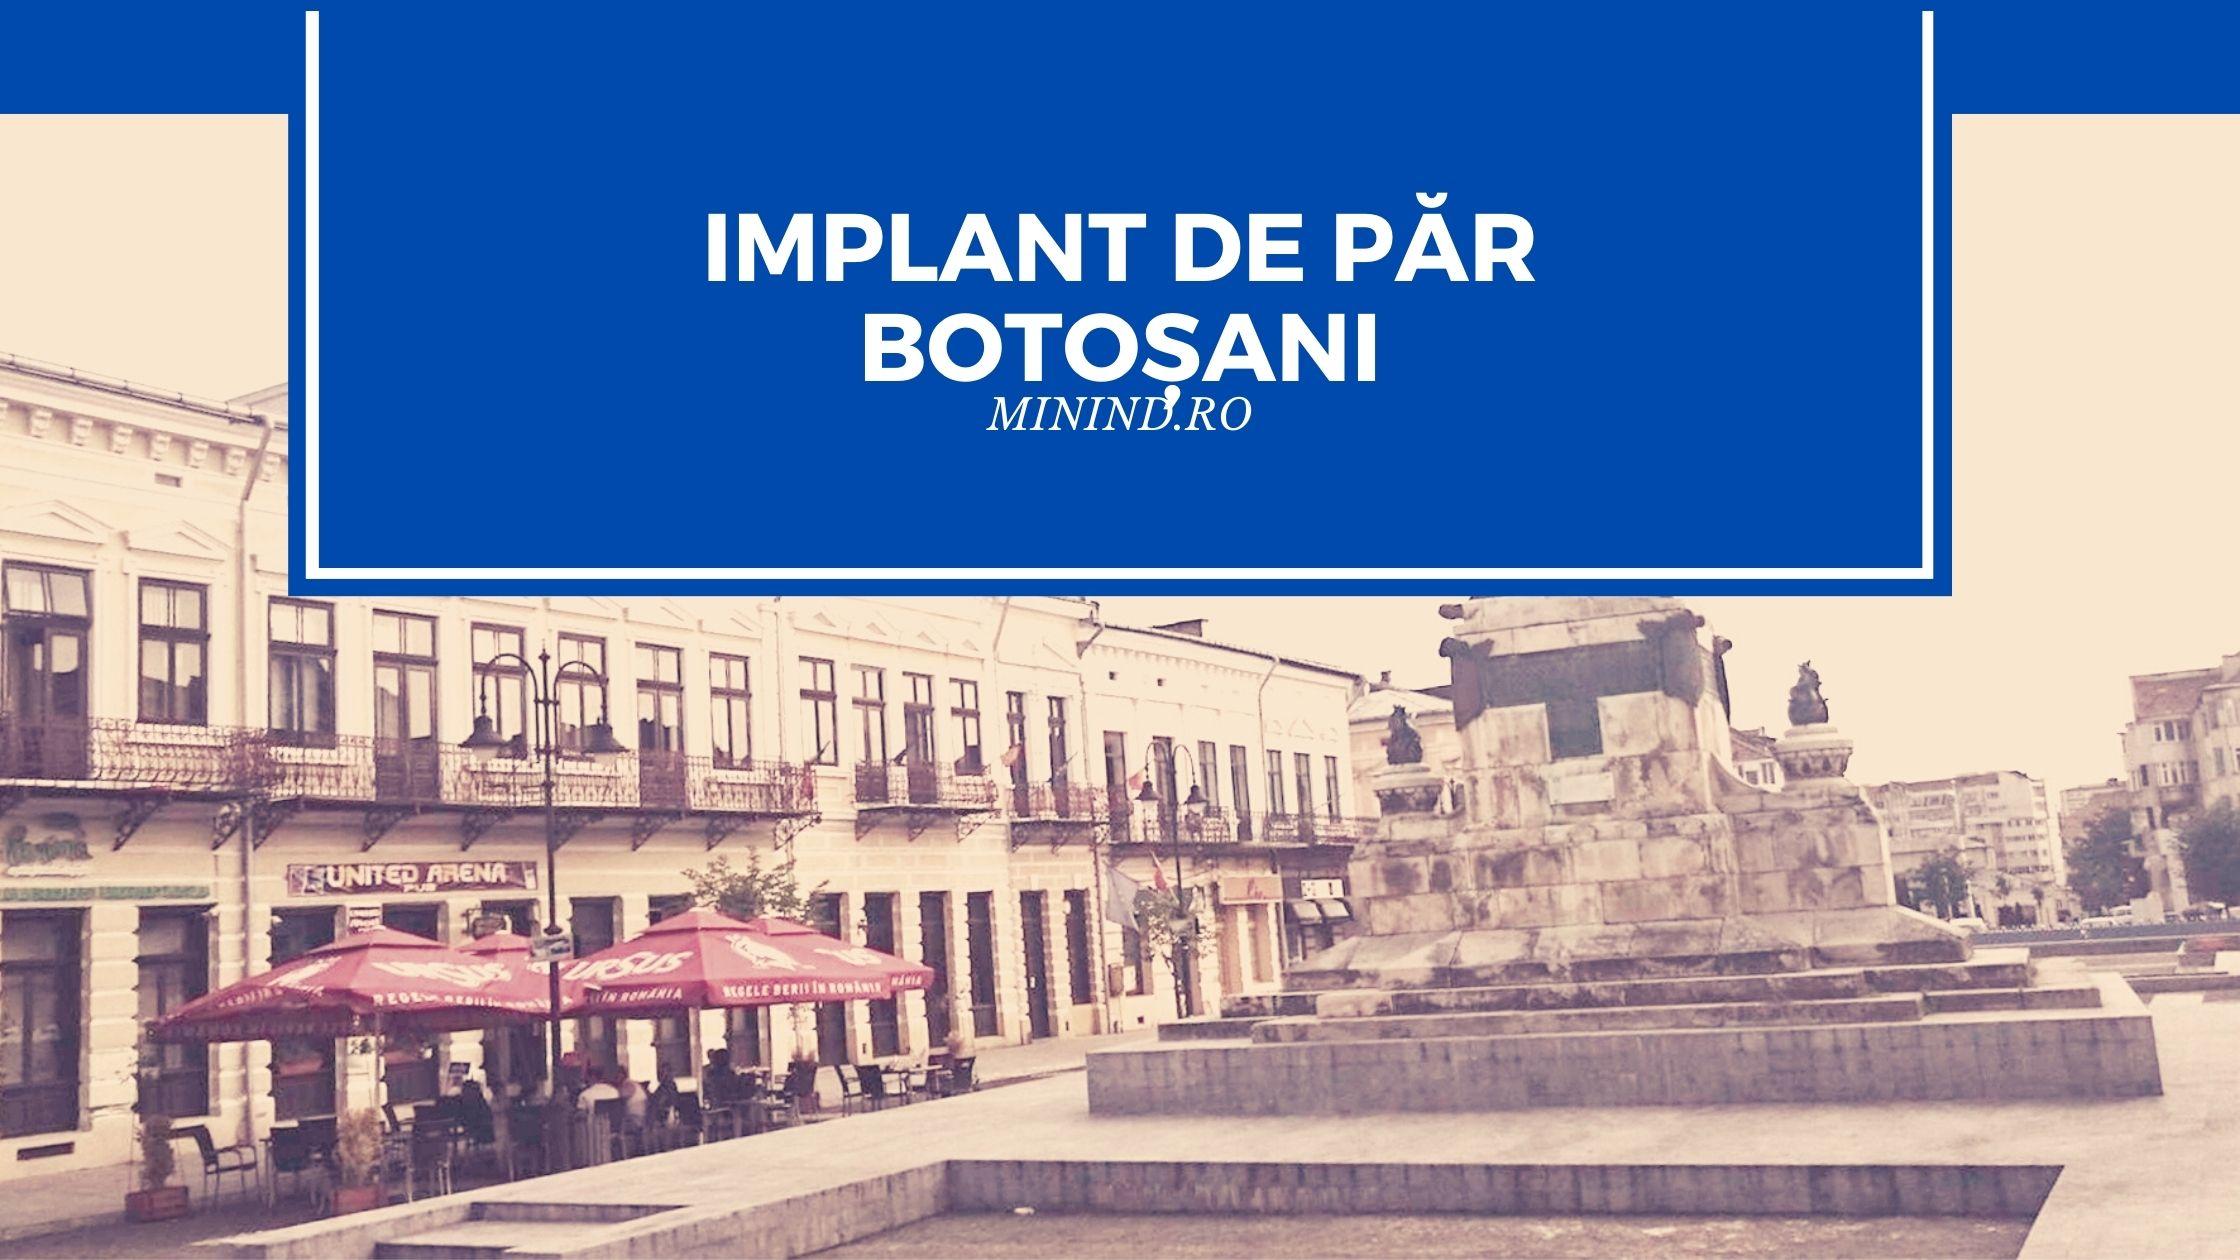 Implant de par Botosani